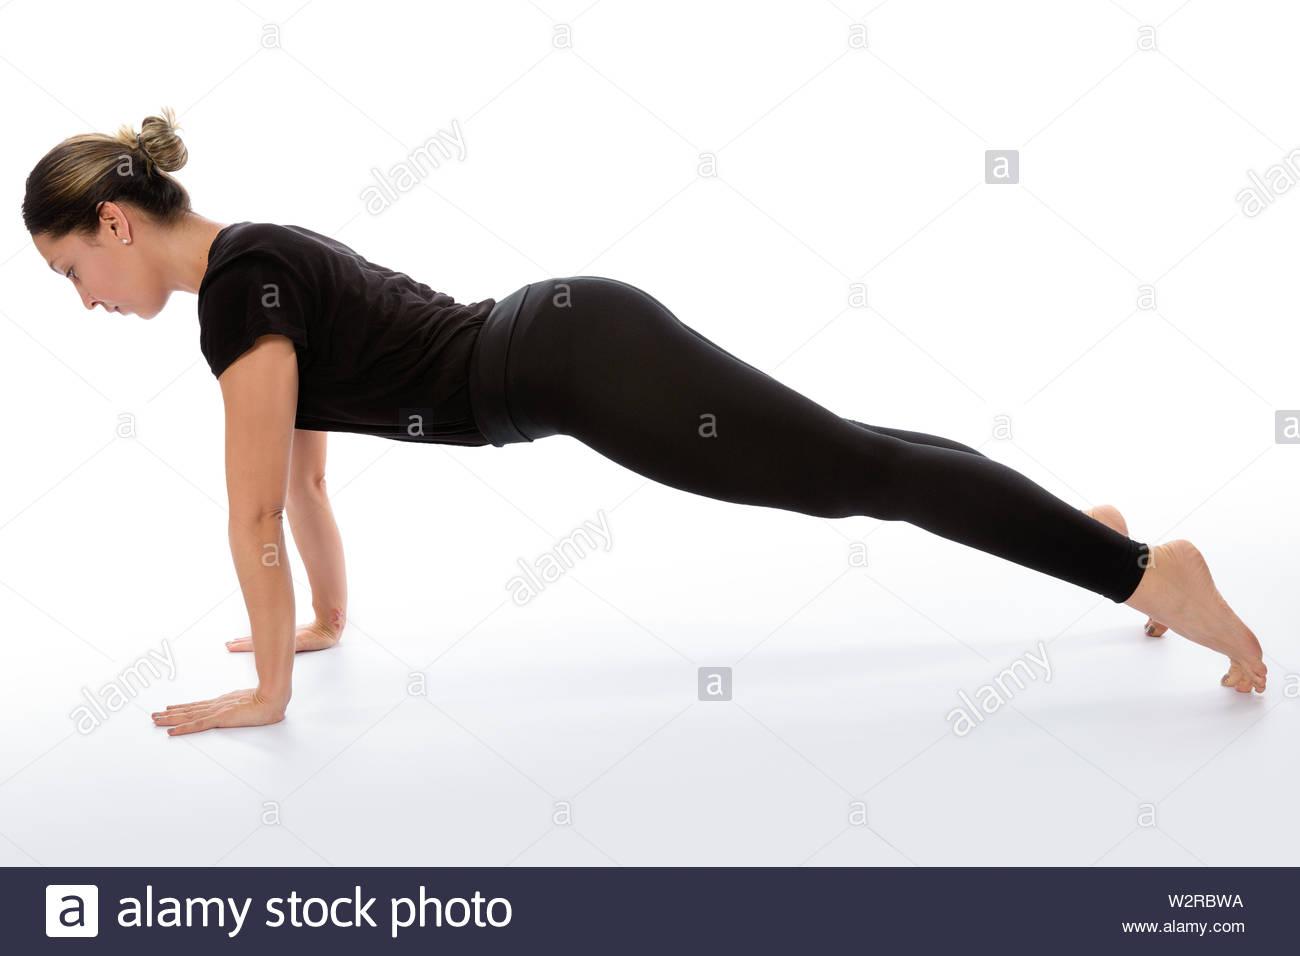 Phalakasana yoga pose (plank pose). Yoga poses woman isolated with white background. Yoga pose set. Mindfulness and Spiritually concept. Girl practici - Stock Image